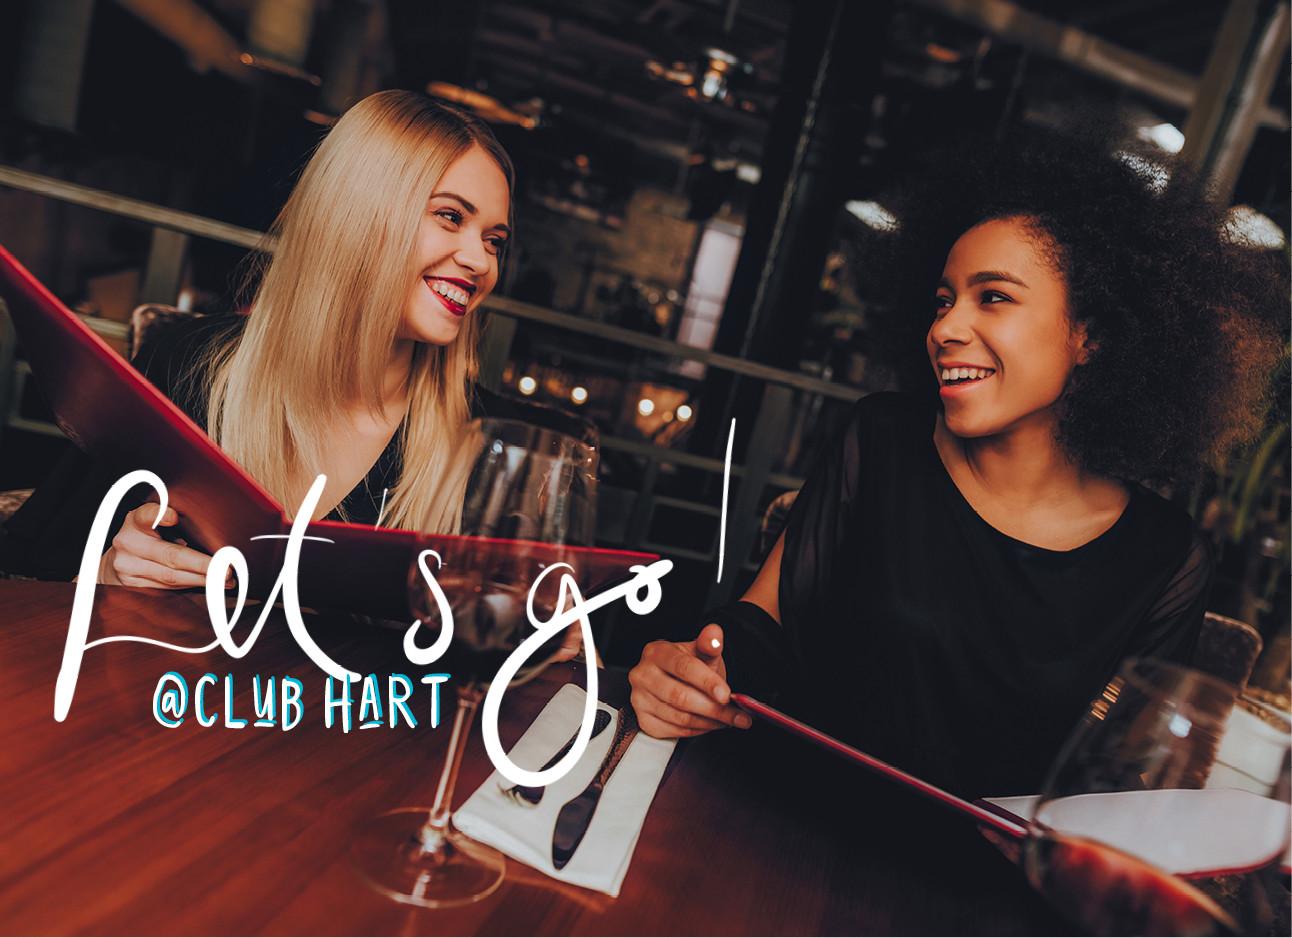 twee vrouwen in een restaurant lachend met een menukaart